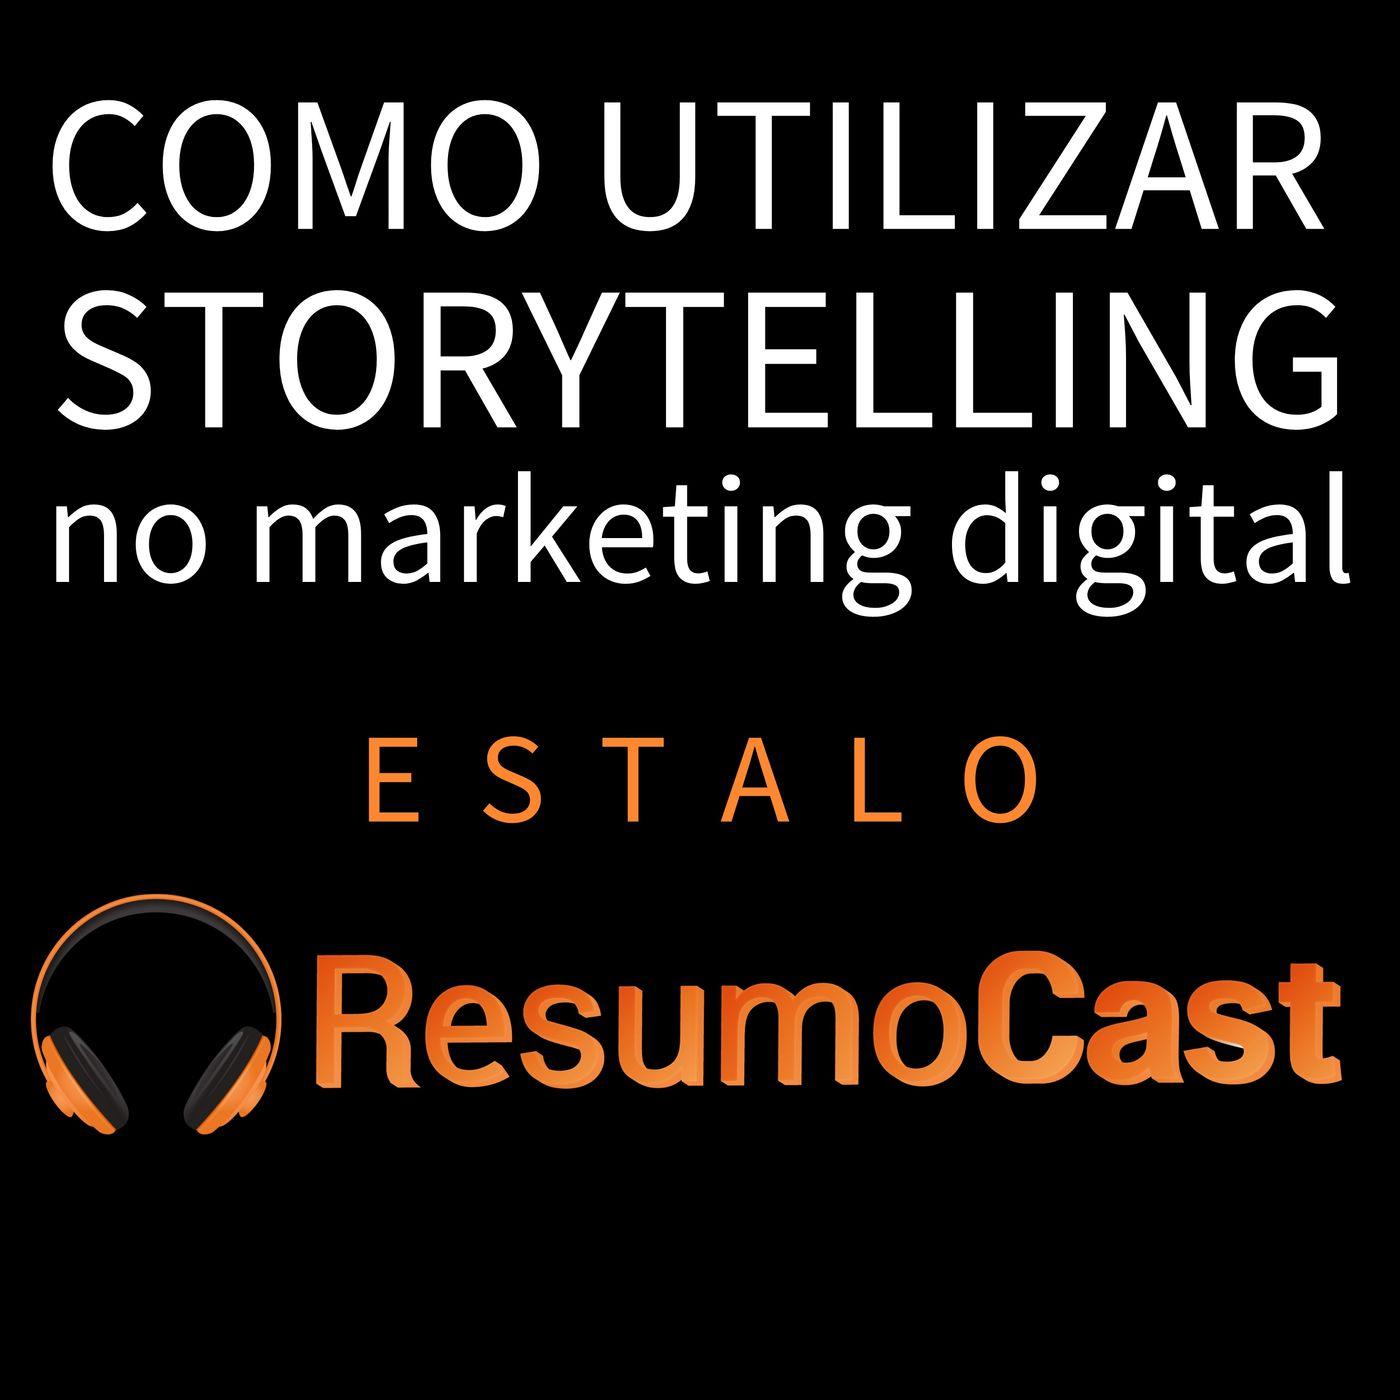 ESTALO | Como utilizar o storytelling no marketing digital?